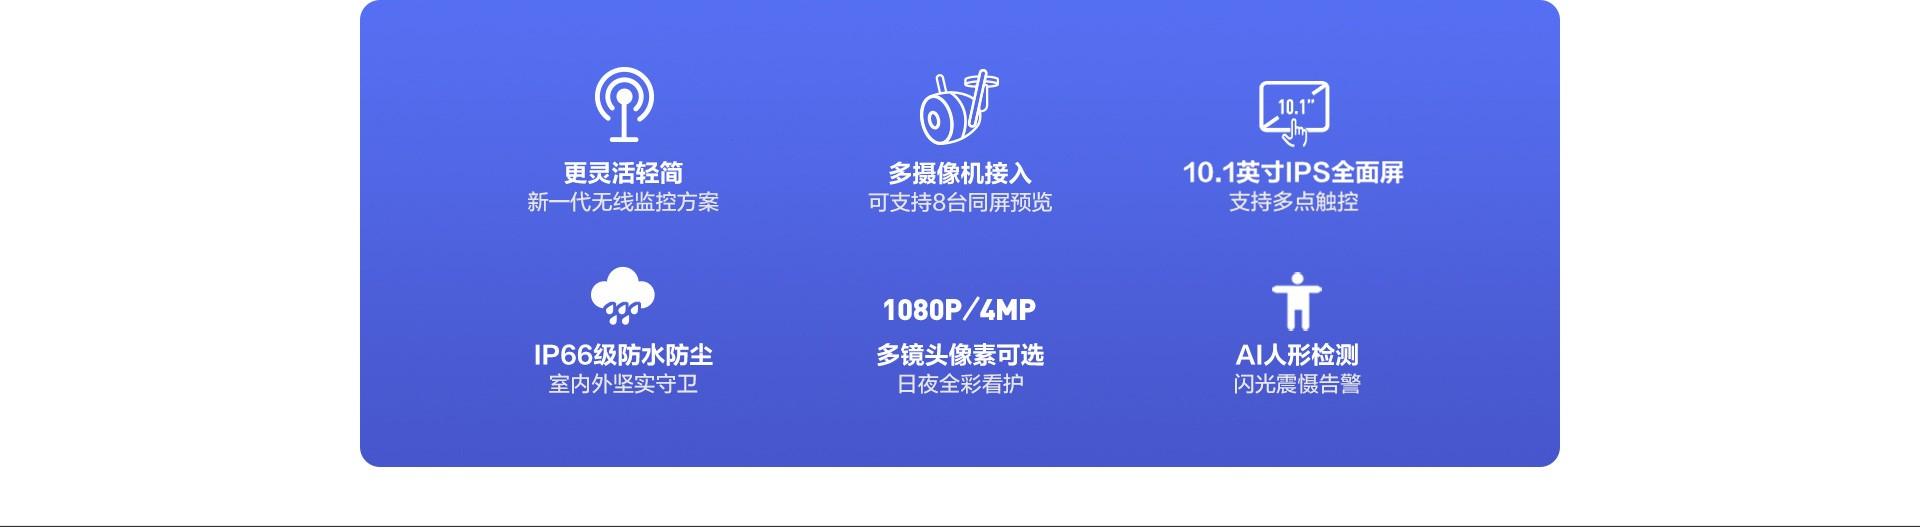 C3C&SD1智能屏-1-web_02.jpg